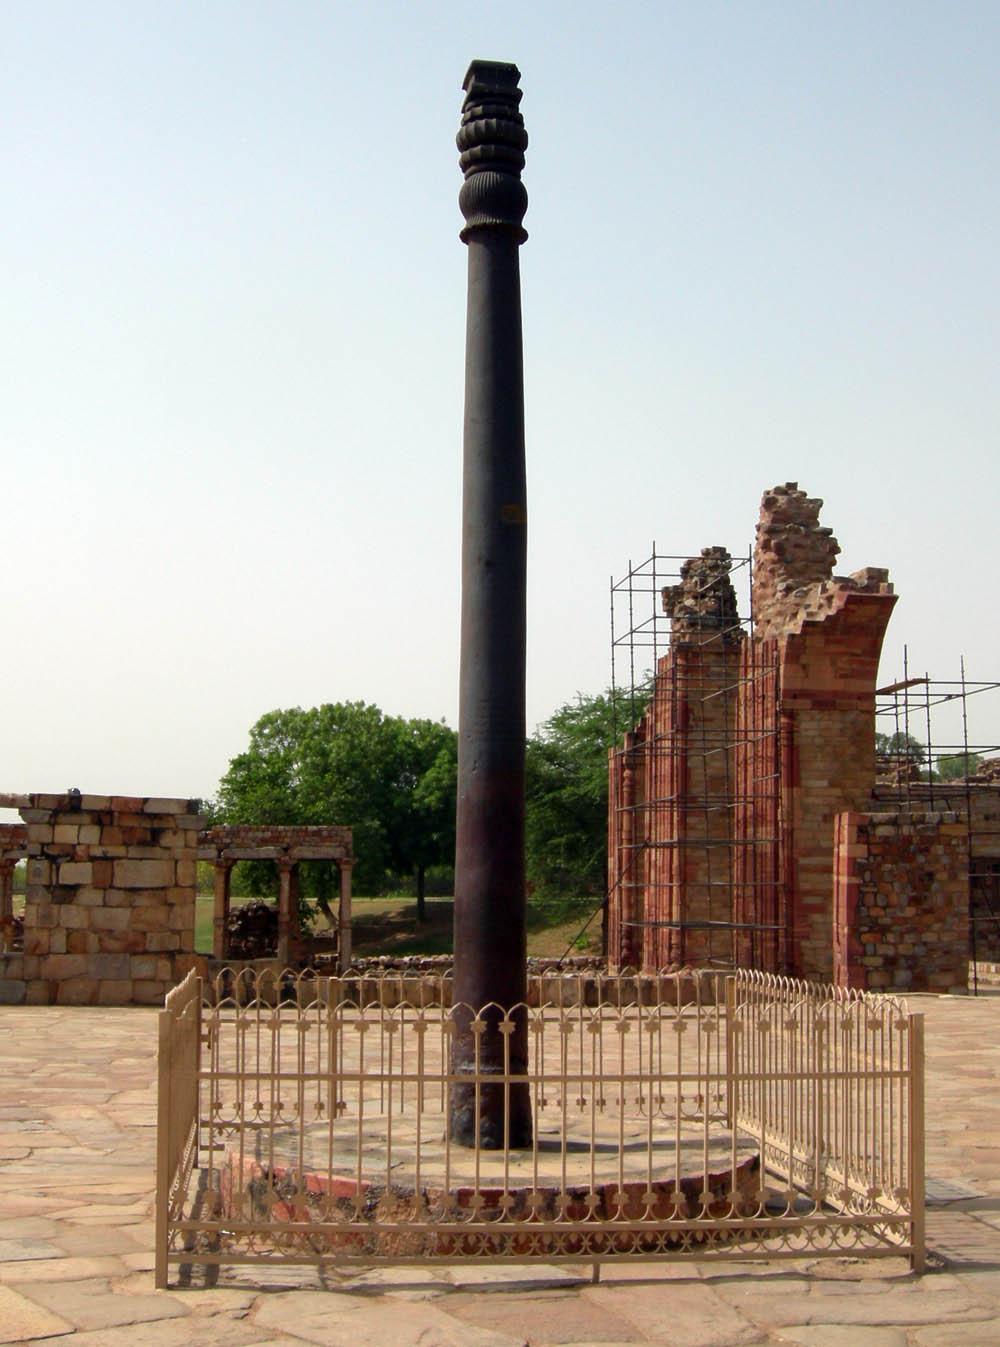 Железная колона в Дели, Индия — уникальный артефакт древних времен.